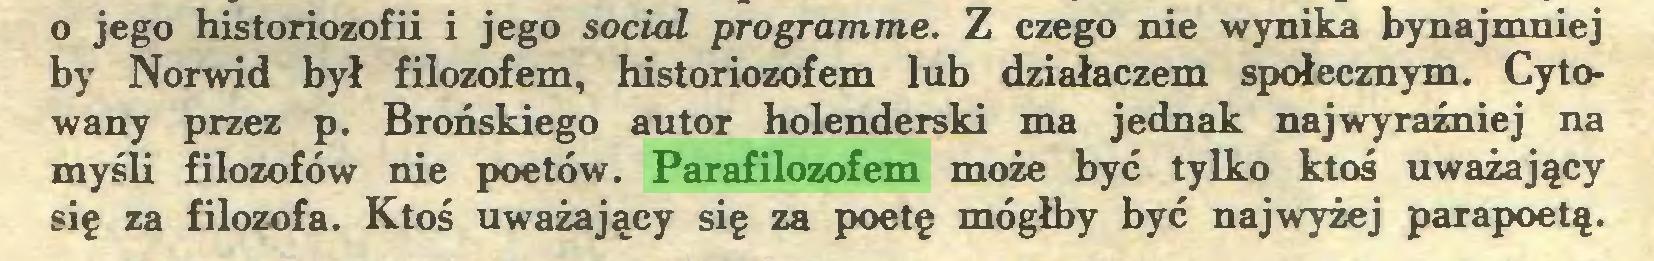 (...) o jego historiozofii i jego social programme. Z czego nie wynika bynajmniej by Norwid był filozofem, historiozofem lub działaczem społecznym. Cytowany przez p. Brońskiego autor holenderski ma jednak najwyraźniej na myśli filozofów nie poetów. Parafilozofem może być tylko ktoś uważający się za filozofa. Ktoś uważający się za poetę mógłby być najwyżej parapoetą...